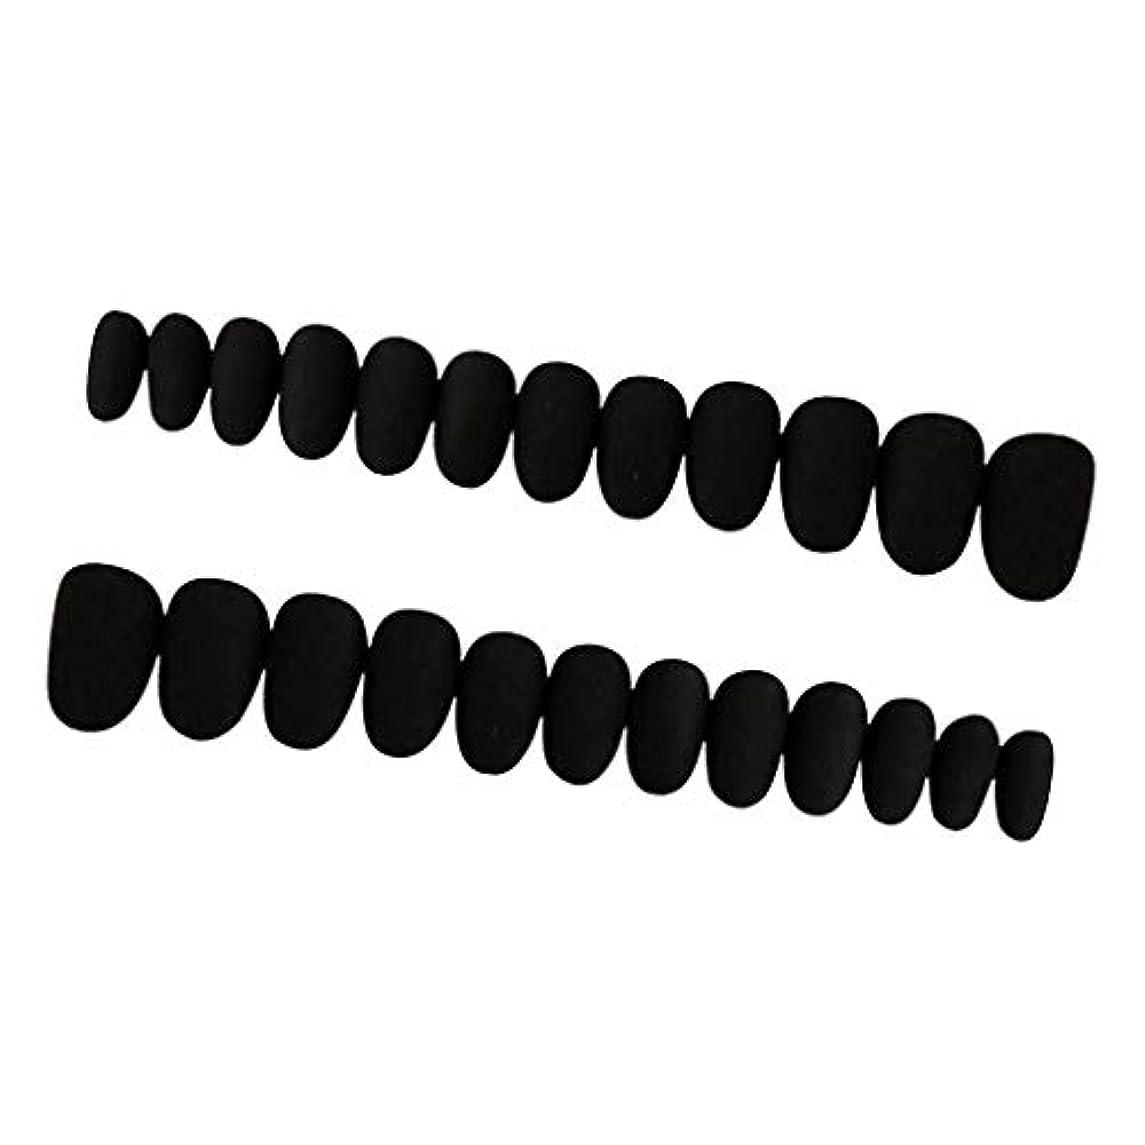 鉛筆専門用語アンデス山脈Perfeclan 約24枚 ネイルシール ネイルアート ネイルラップ ネイルステッカー 貼るだけ ネイル装飾 全3色 - ブラック